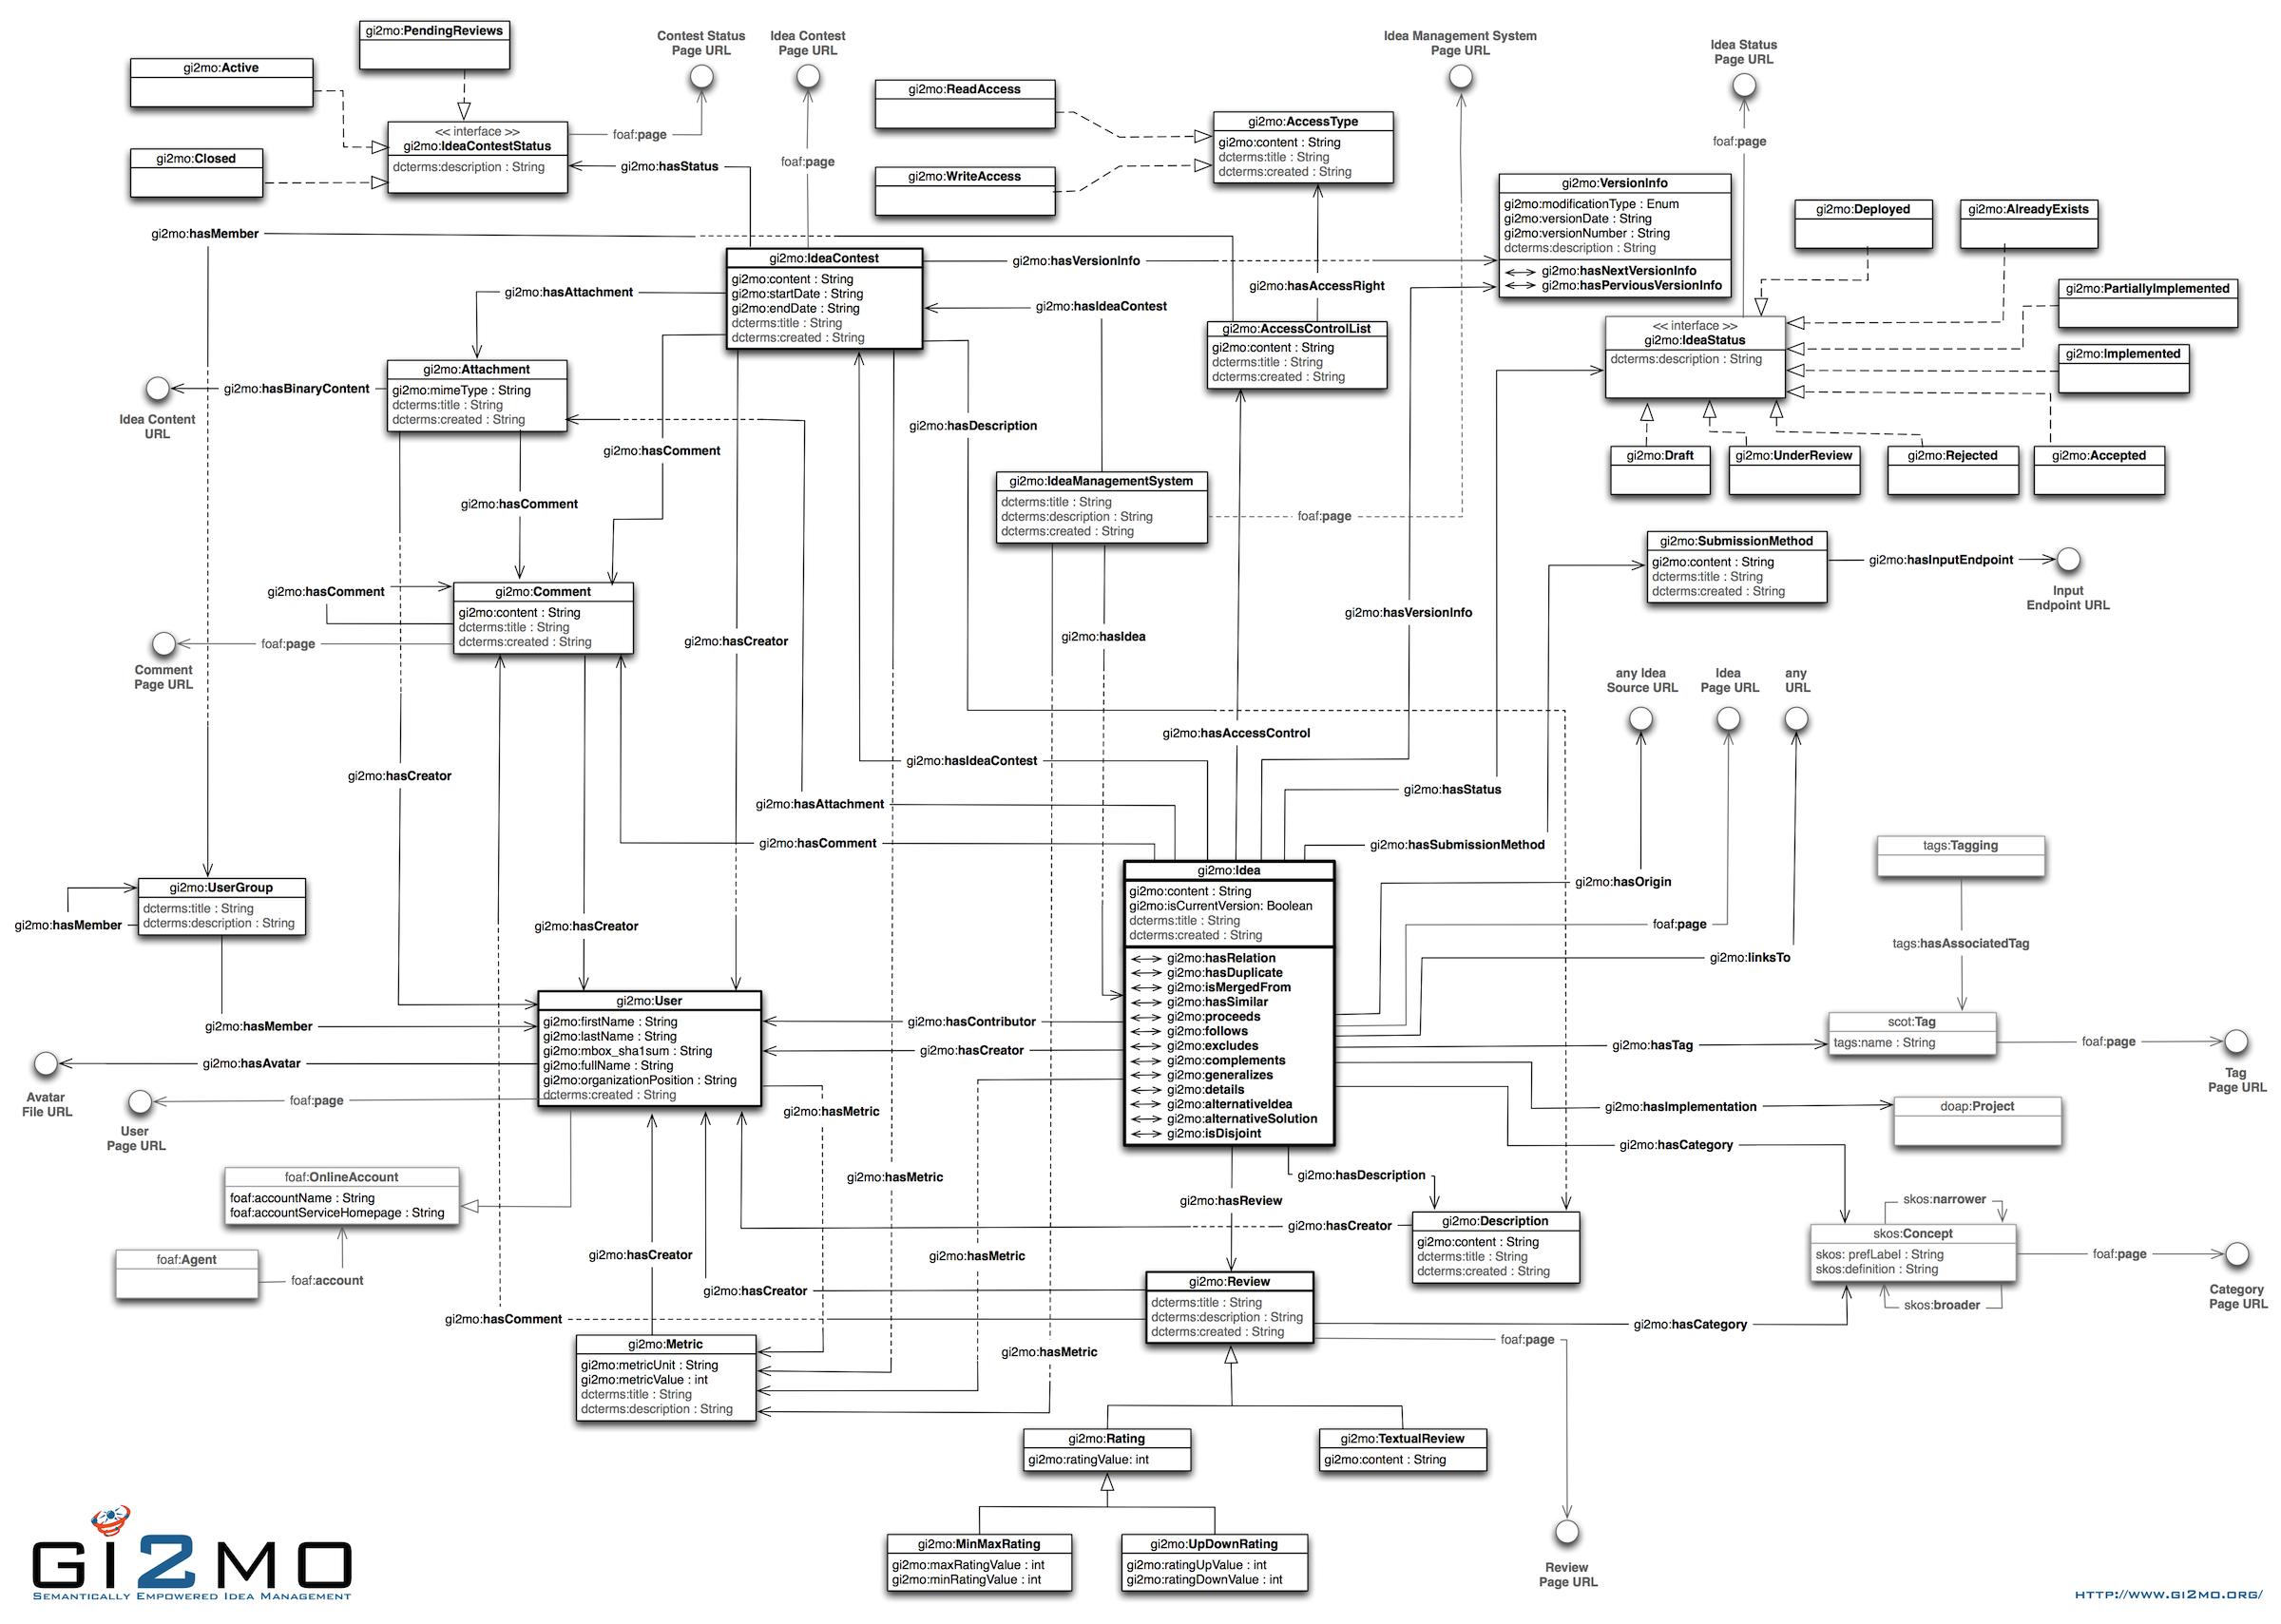 Complex Uml Class Diagram Example